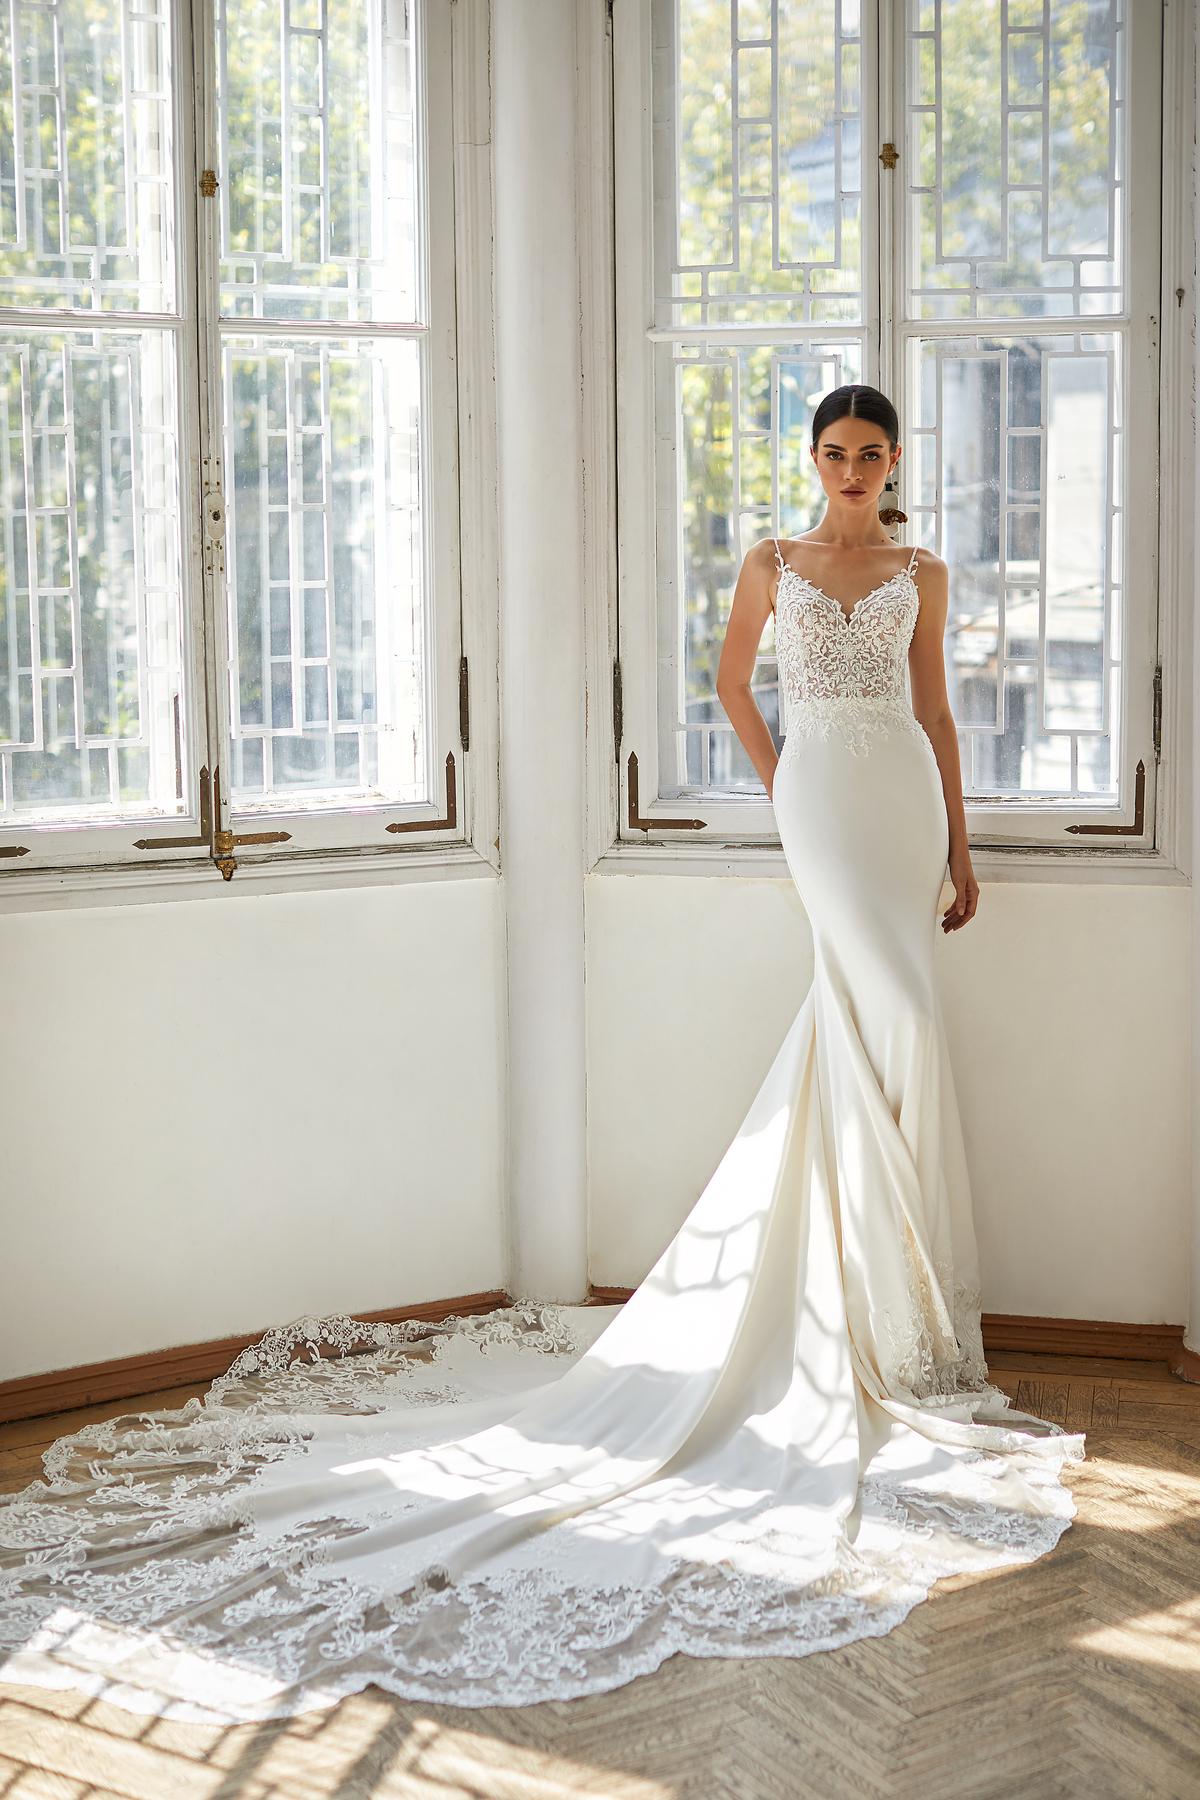 Les plus belles robes de mariée ivoire sirène sans manches bretelles classique élégante traine voile perles broderies dentelle blanc raffinée